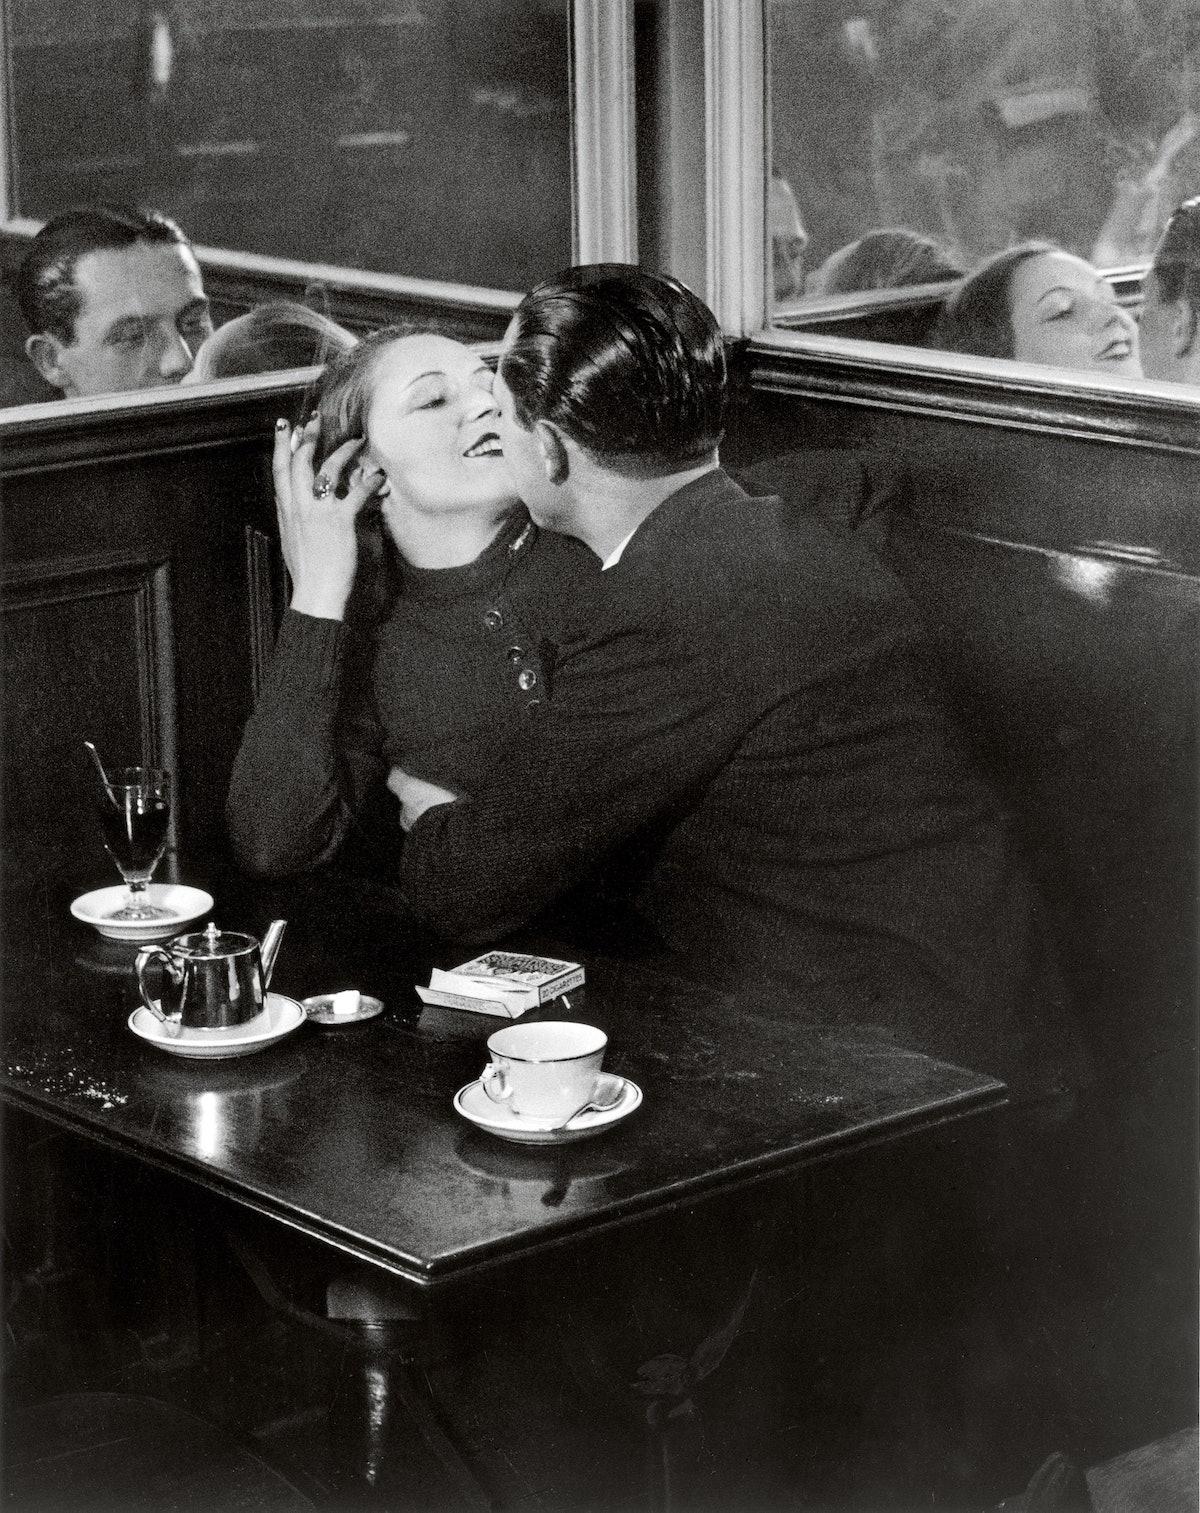 Couple d Amoureux dans un Petit Cafe Quartier Italie c1932 c Estate Brassai Succession Paris.jpg